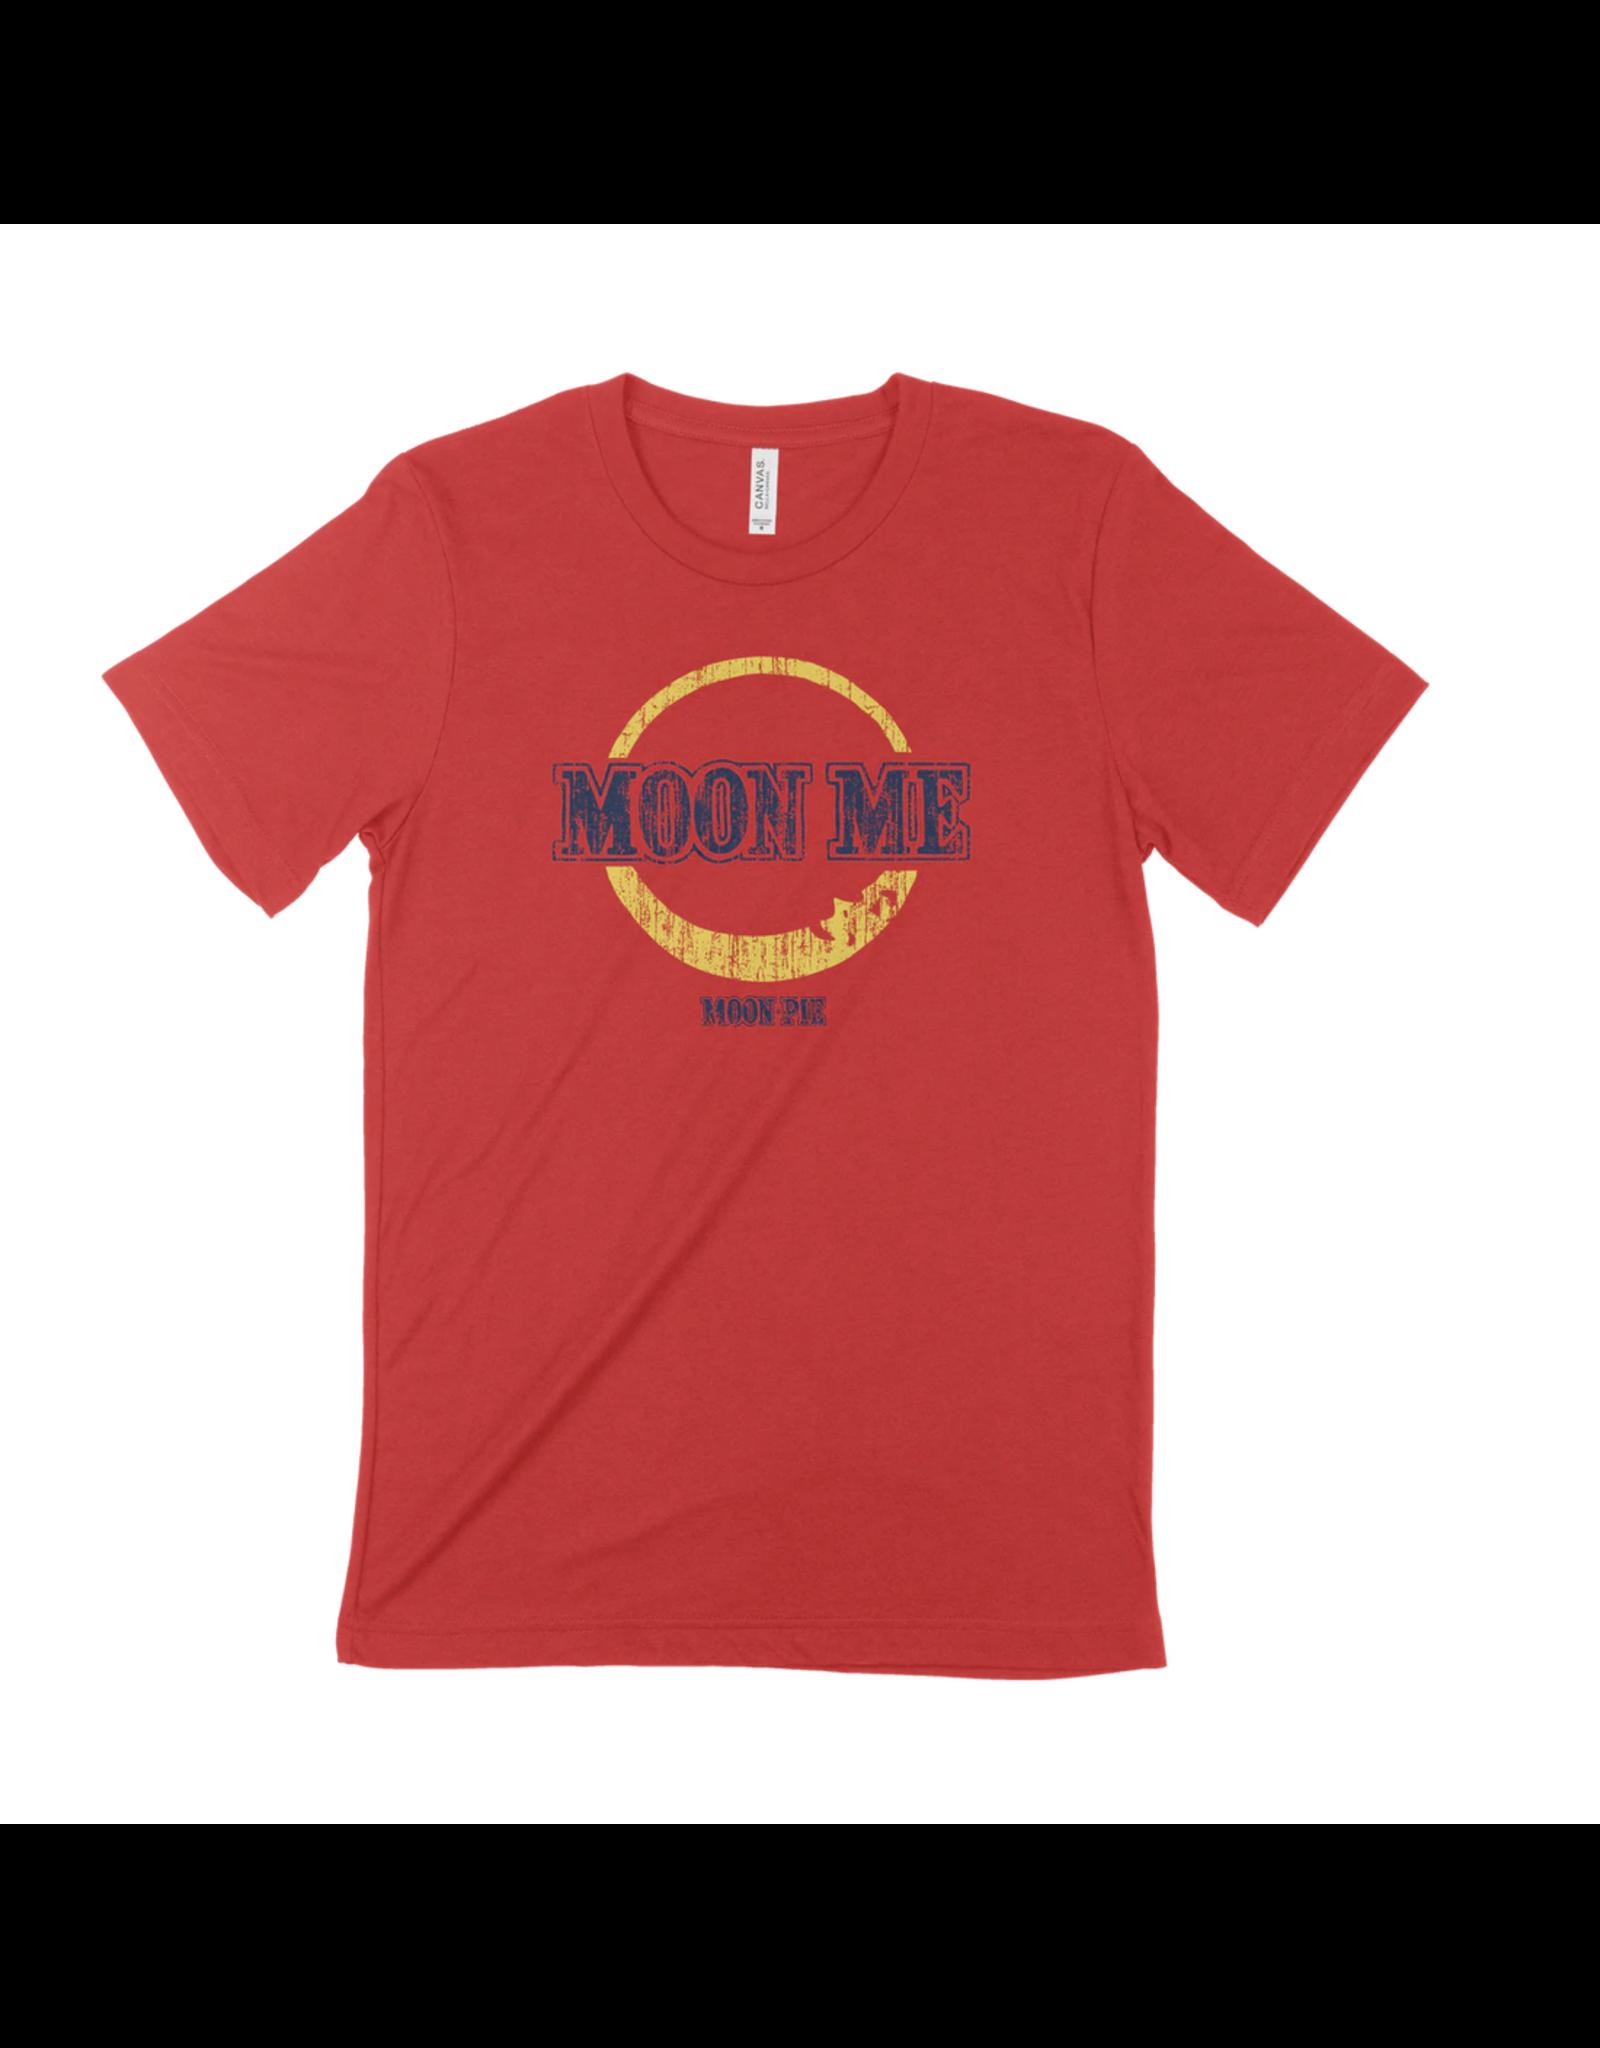 MoonPie MoonPie Short Sleeve Tee